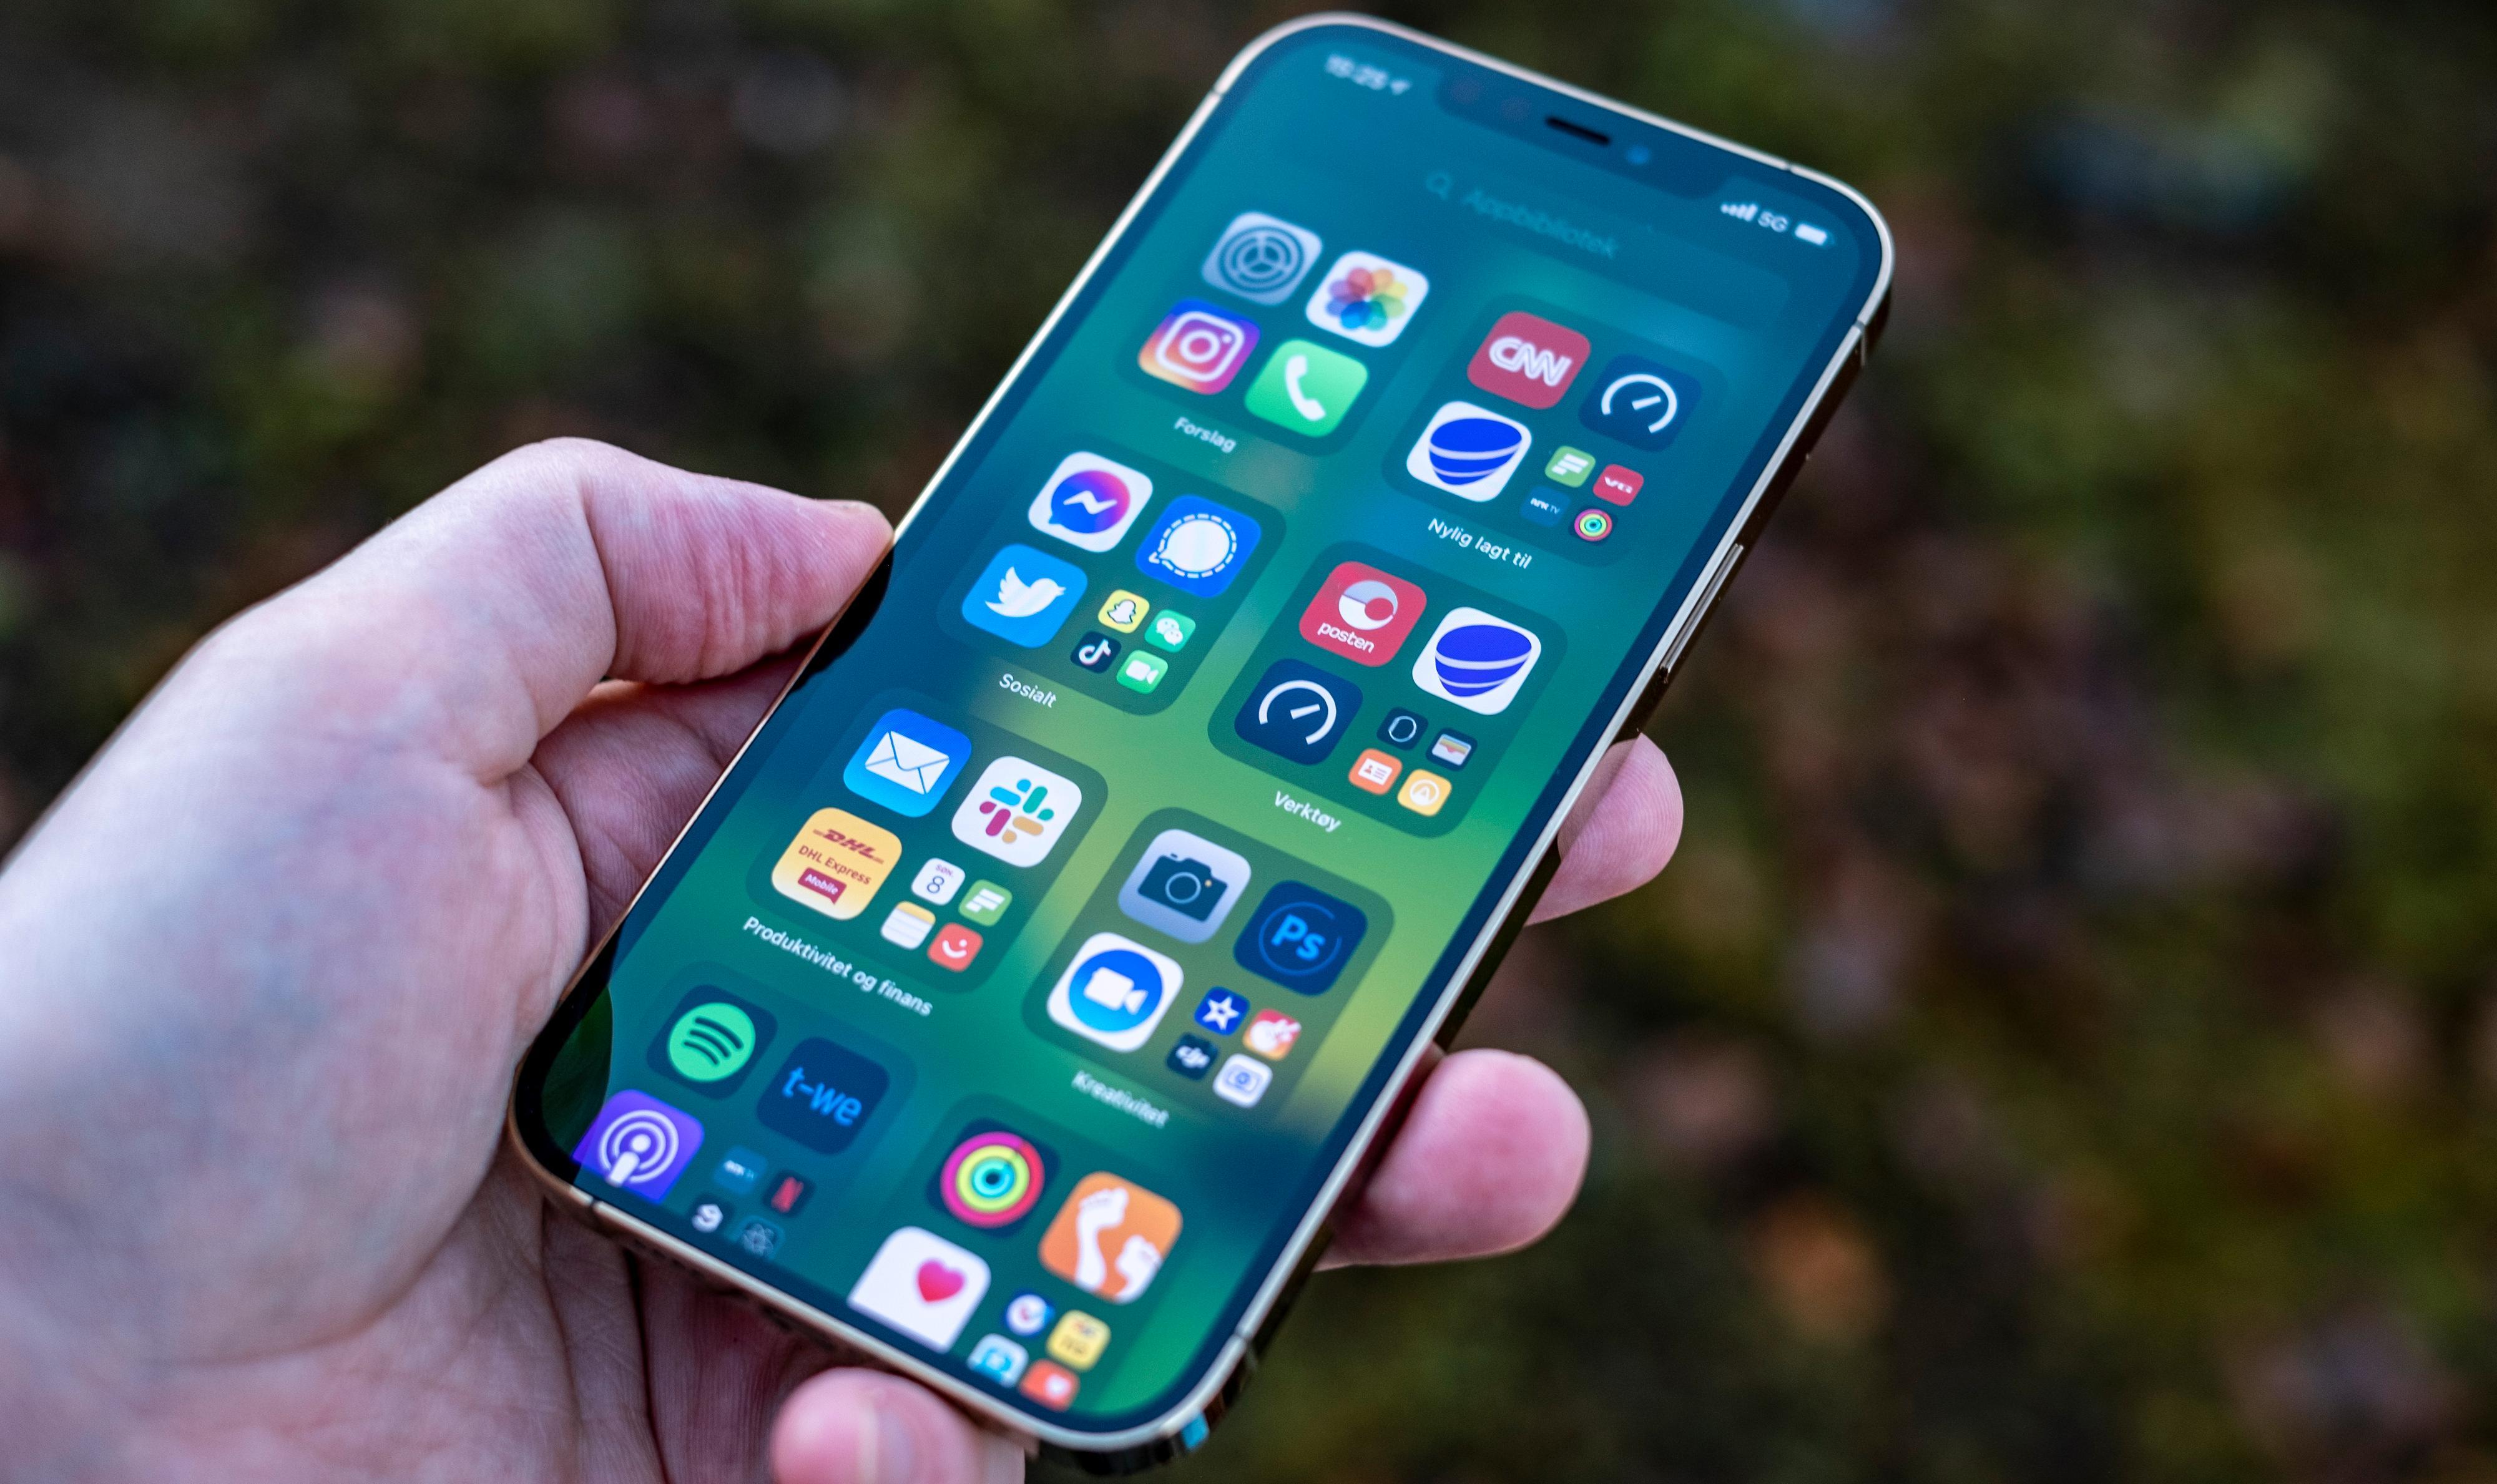 Høstens iOS 15 har fått en mengde nye funksjoner, og etter hvert skal iPhoner med operativsystemet jakte på overgrepsbilder. Den nye løsningen er omdiskutert.